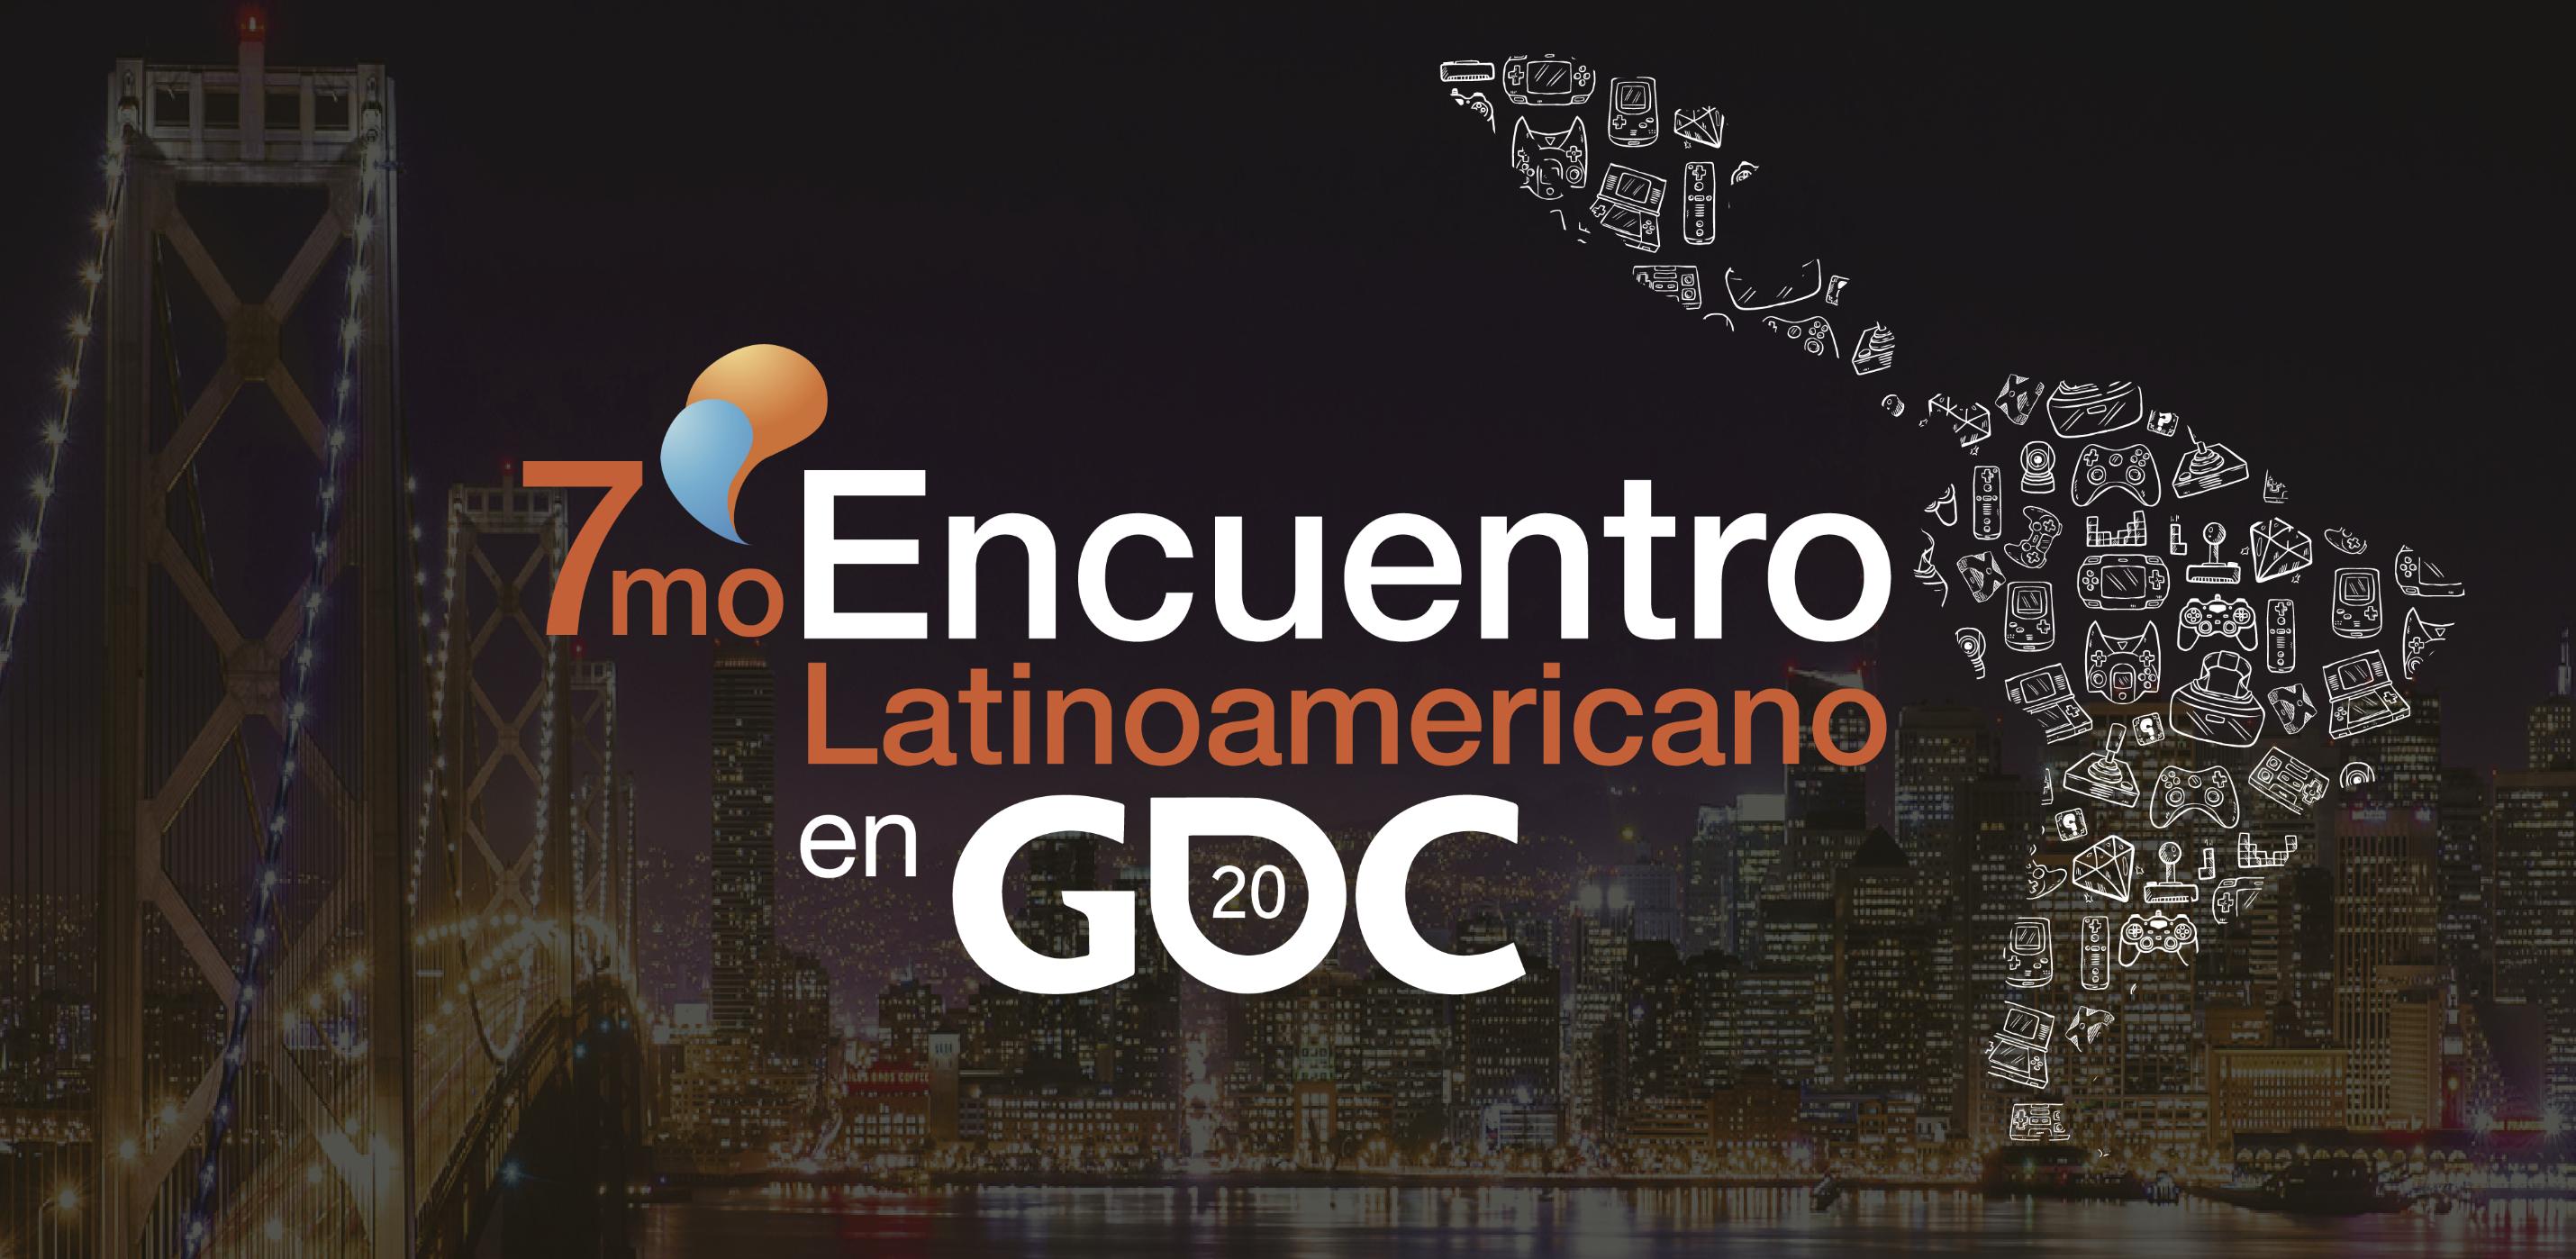 encuentro latinoamericano, gdc, encuentro latinoamericano en gdc, encuentro latinoamericano gdc, tan grande y jugando.